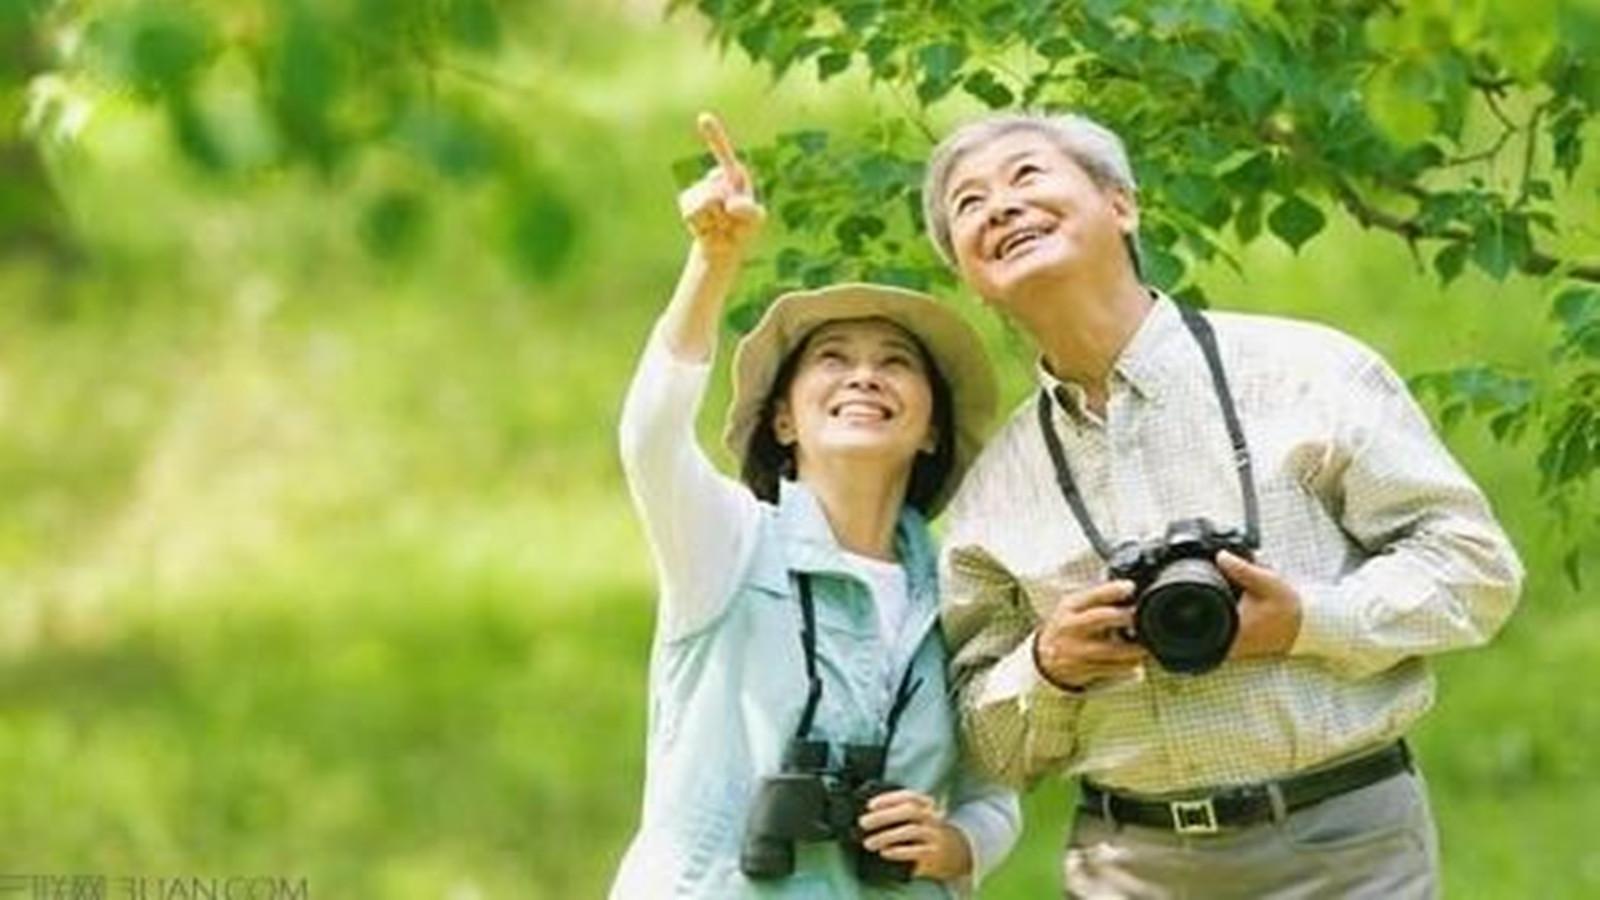 哪个地区老年人最爱出游?上海老年人排在前三甲